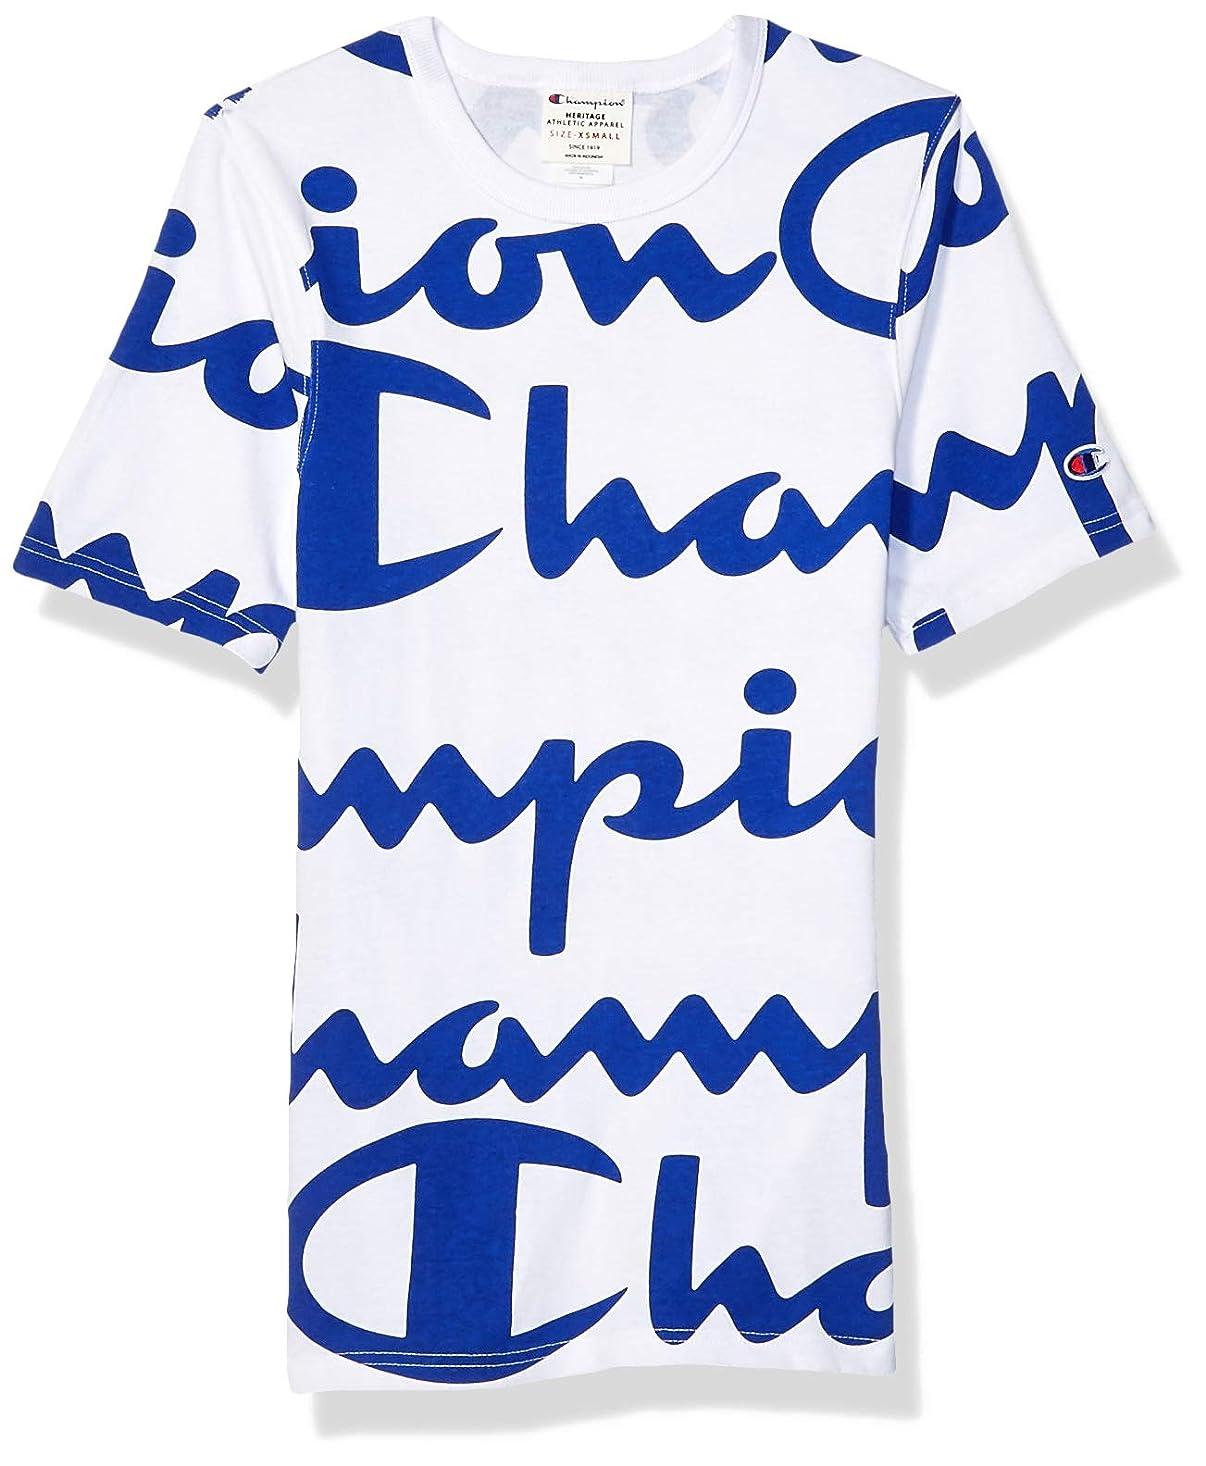 雲ラフレシアアルノルディ労働者Champion LIFE SHIRT メンズ US サイズ: X-Large カラー: ホワイト